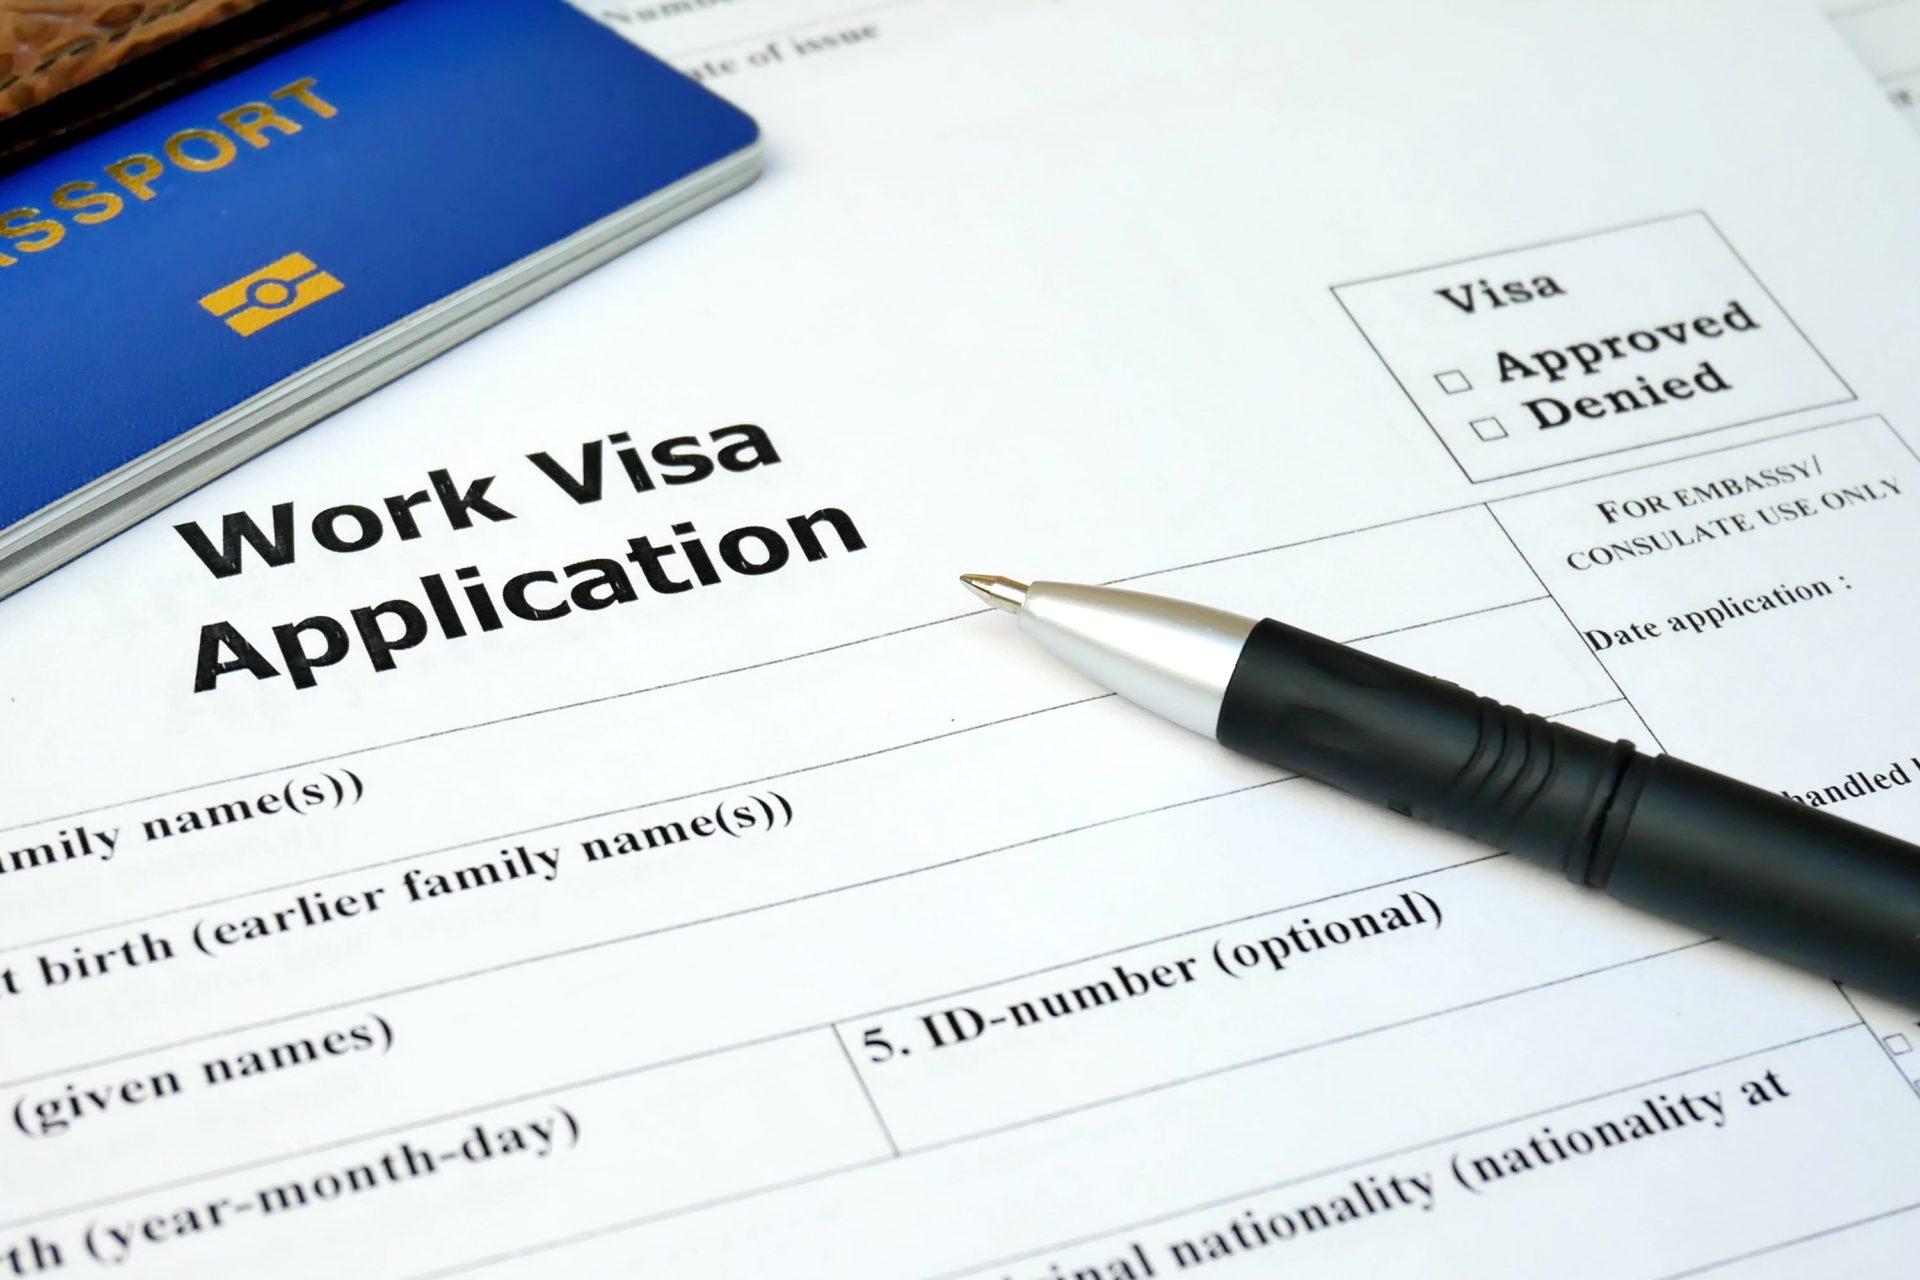 新しい在留資格「特定技能2号」で外国人を採用できる業種と取得条件